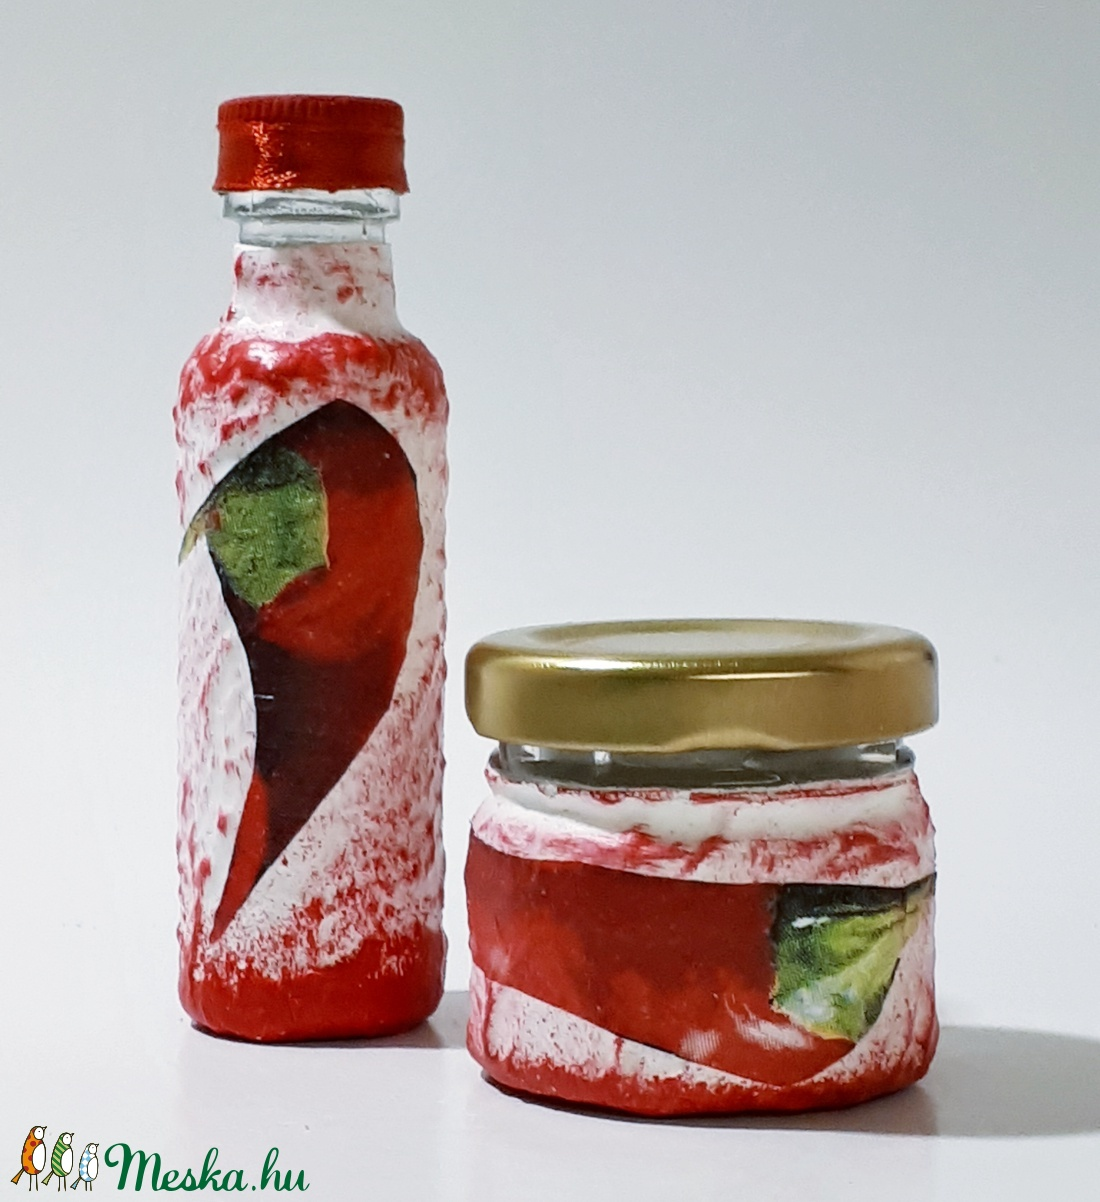 Chili mini üvegszett a csípős paprikát, piros paprikát kedvelőknek, ajándék névnapra, szülinapra, nőnapra, anyáknapjára. (Biborvarazs) - Meska.hu